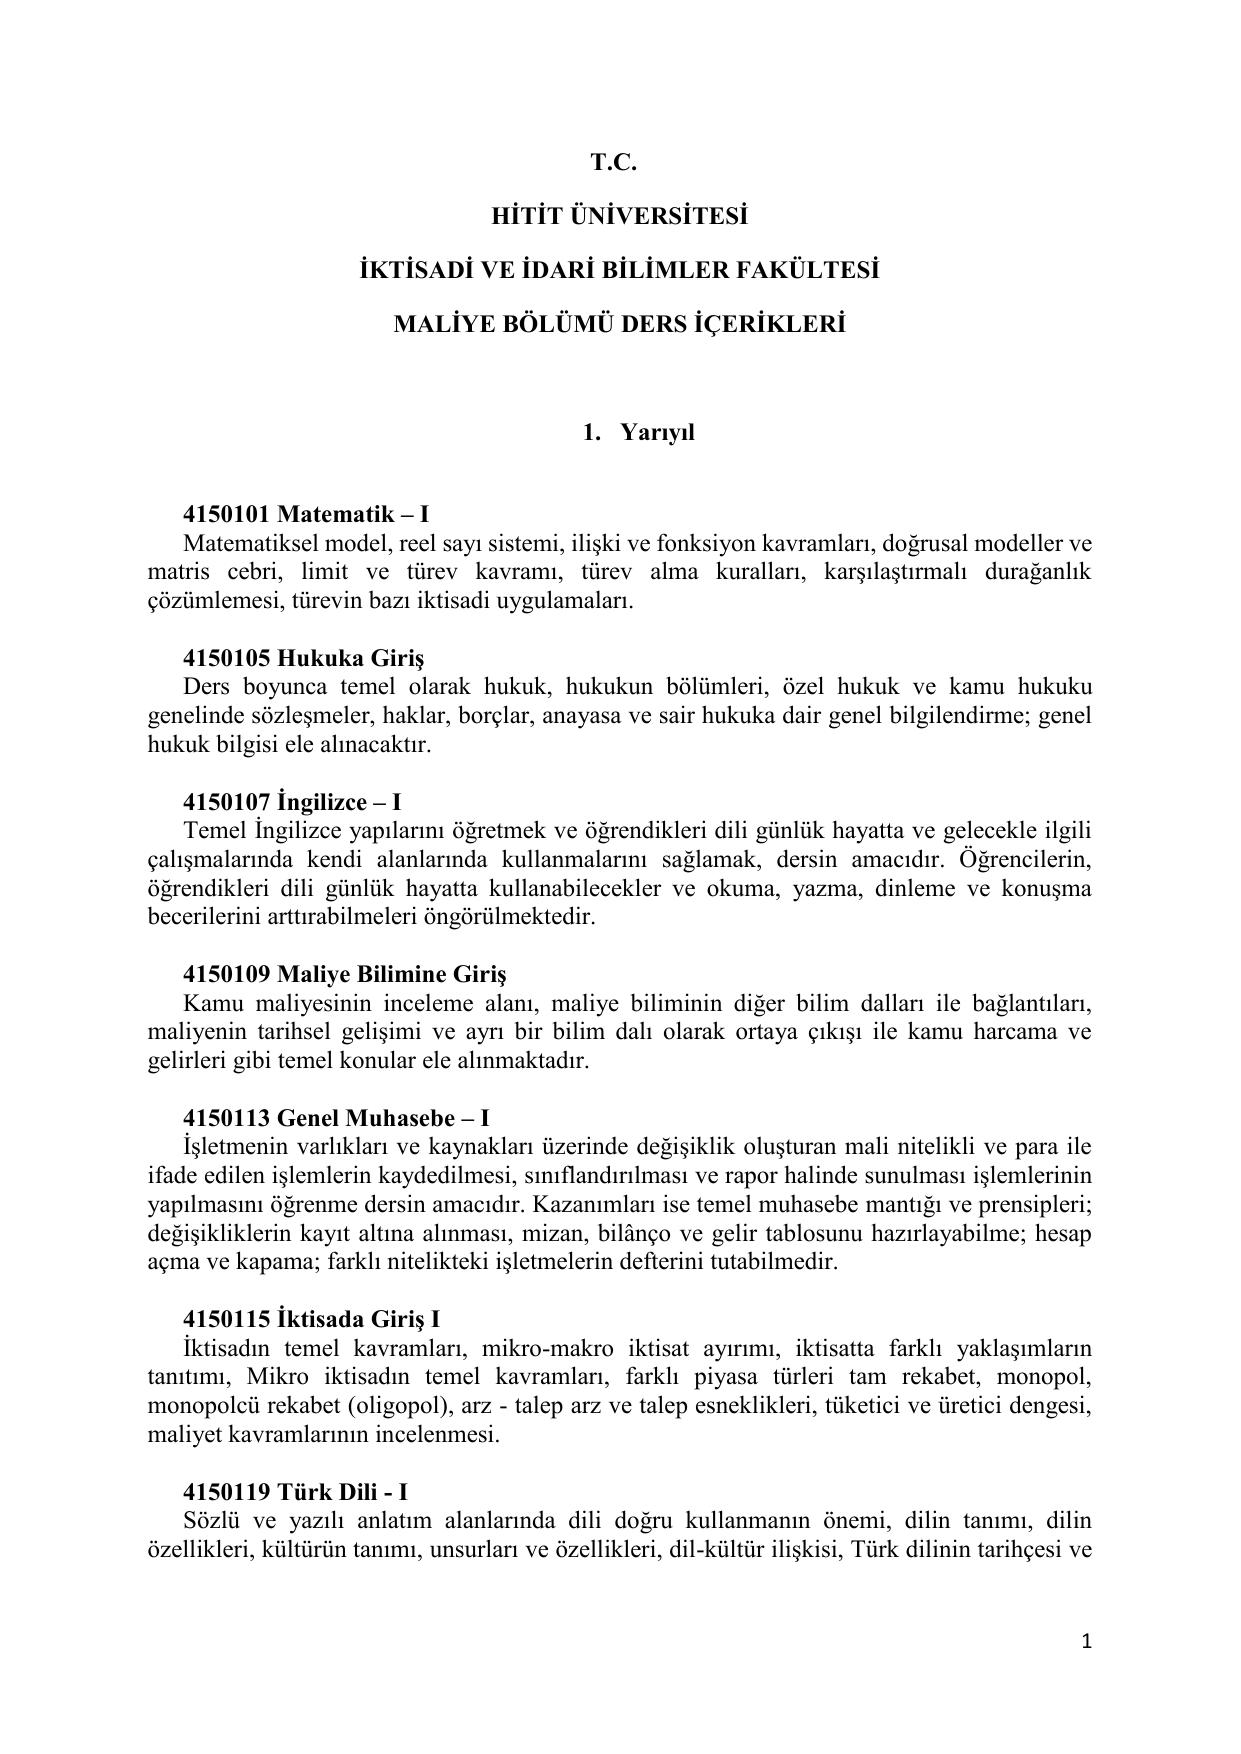 Girişimci faaliyet: Tanımı, kayıt kuralları ve iletkenlik özellikleri